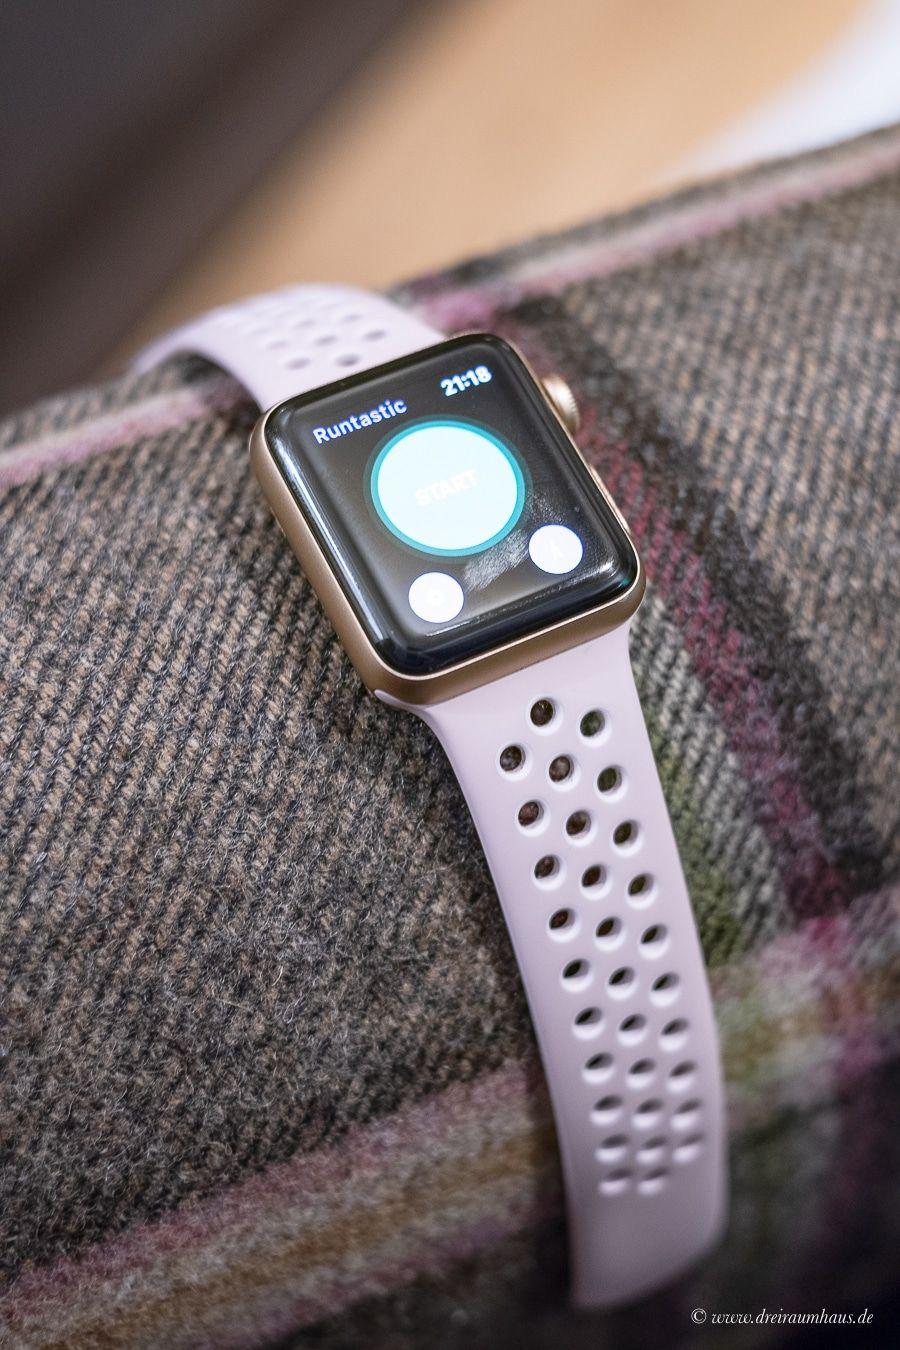 Heute geht es um Technik für Frauen in meiner Blogreihe #MeineTippsfürFrauen - Macht die Apple Watch wirklich Sinn? Ist die Smartwatch nur Lifestyle?